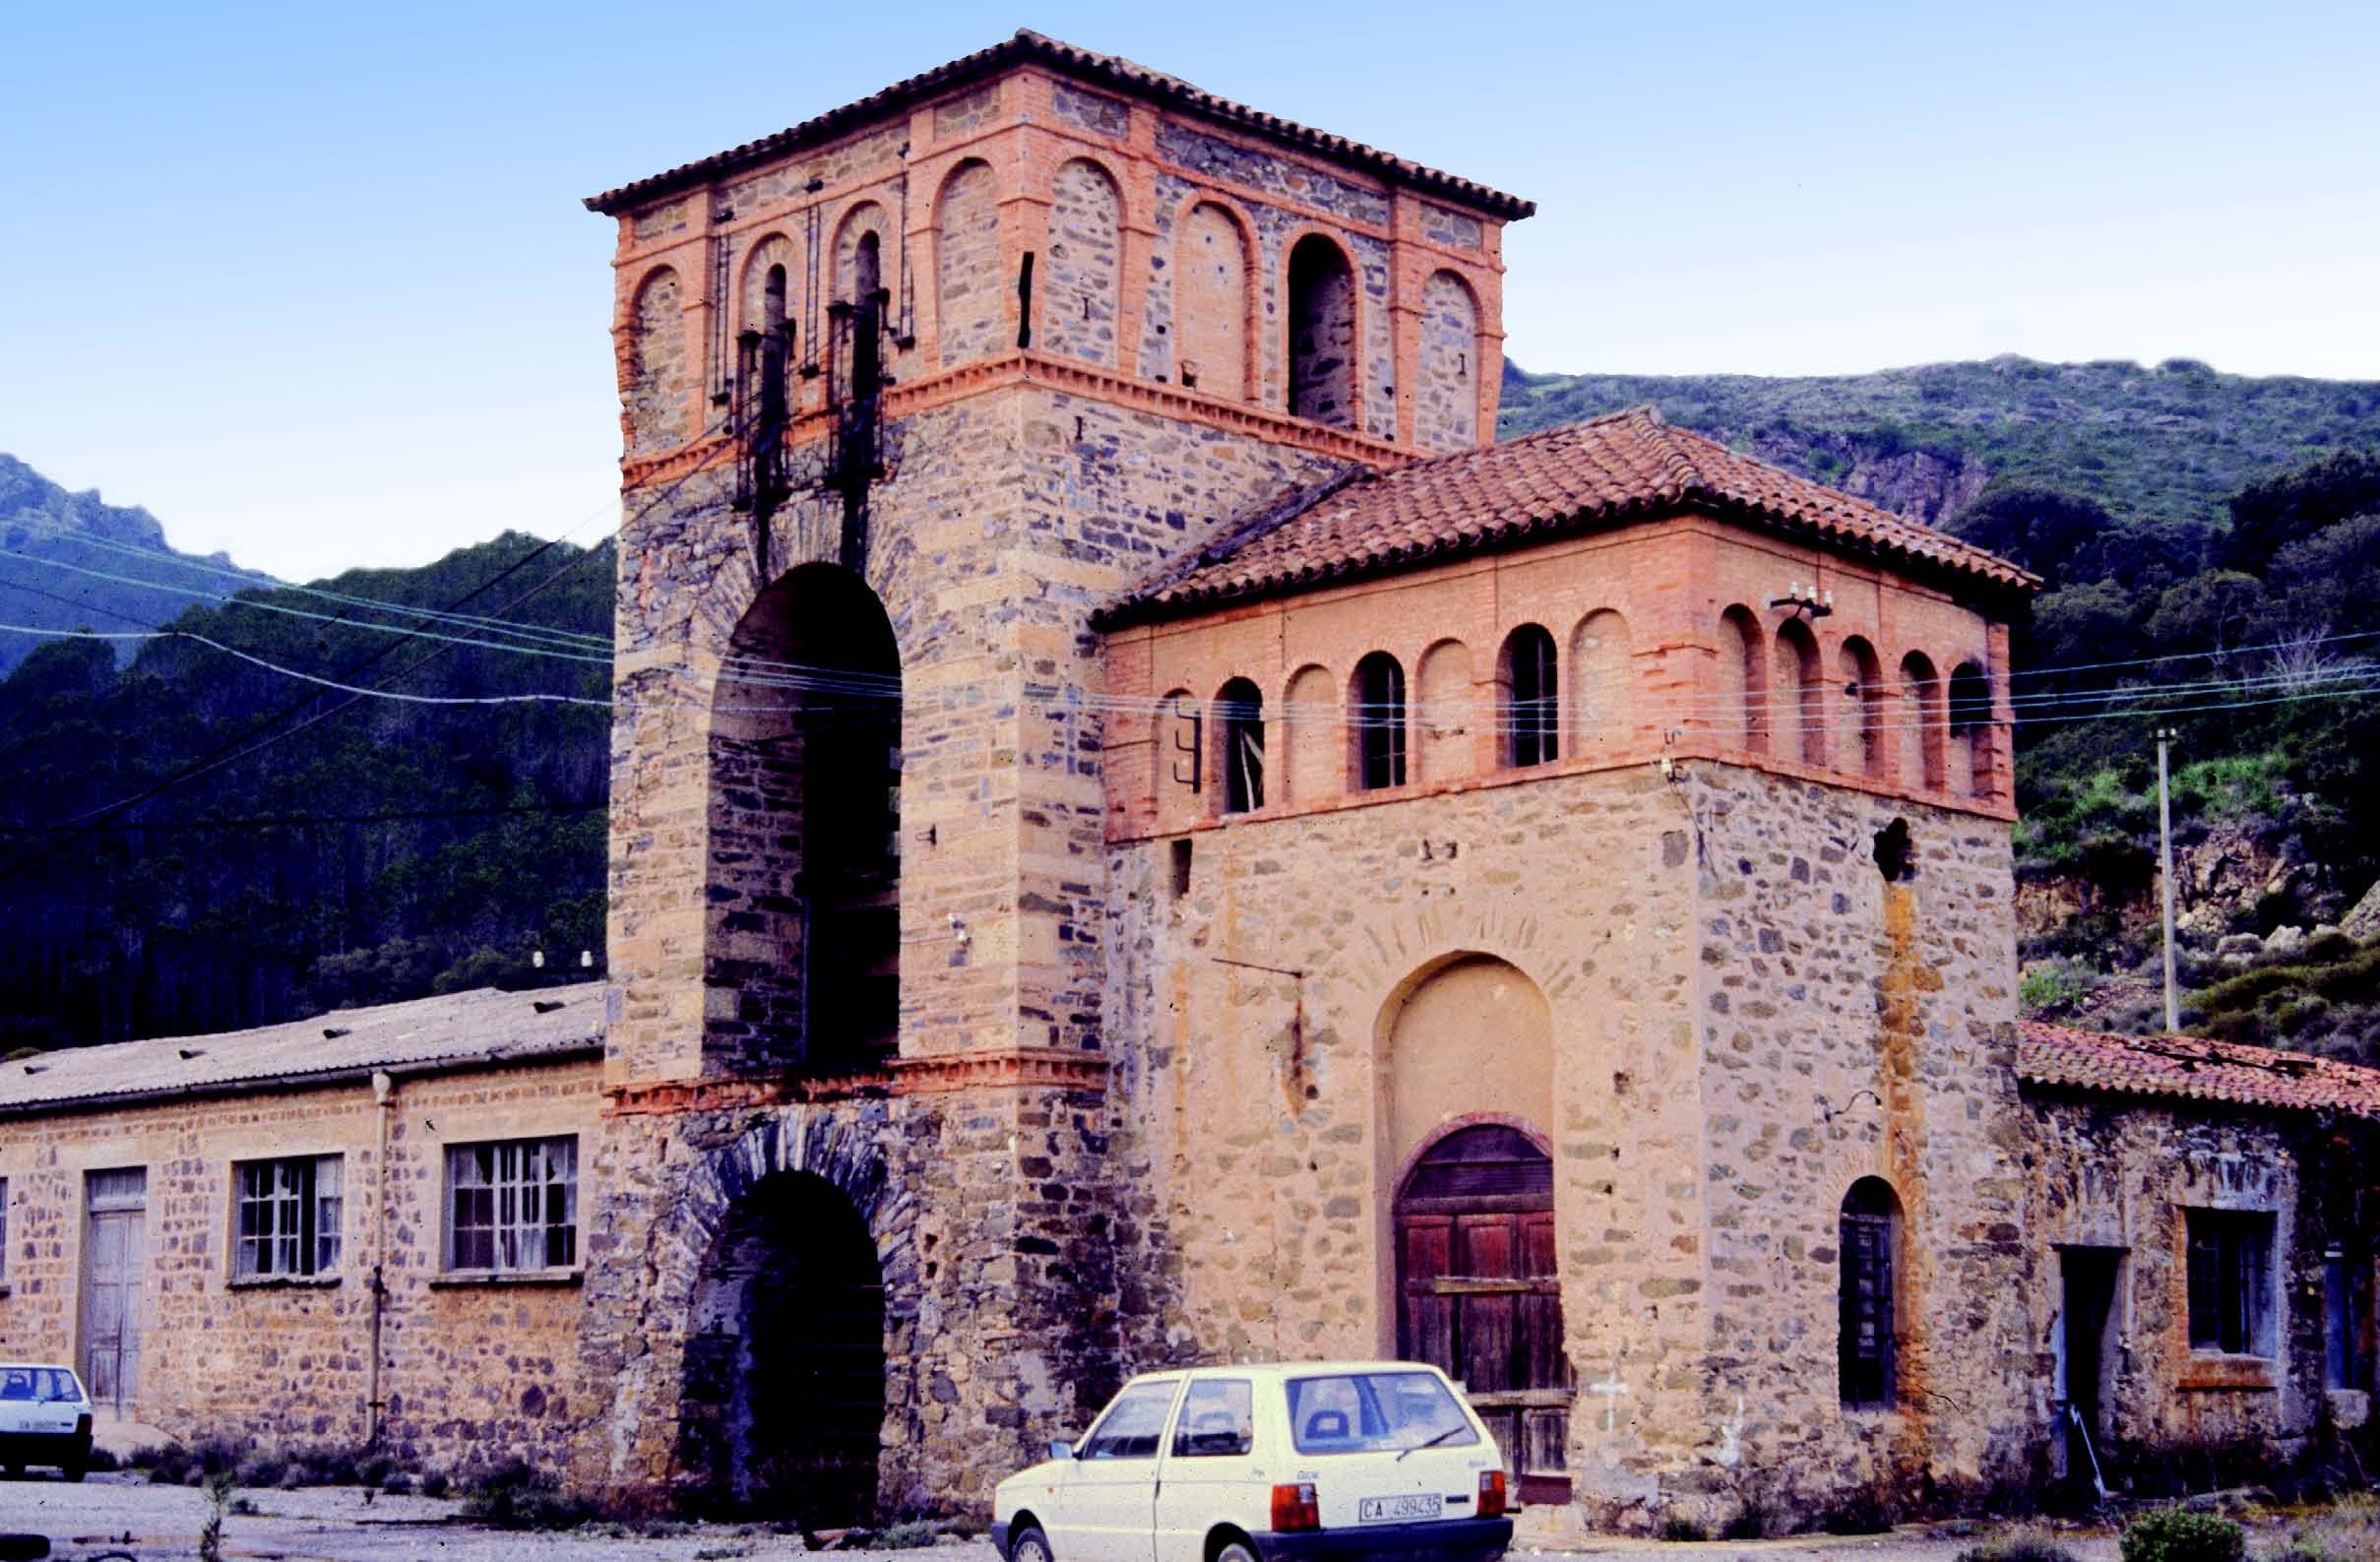 Il complesso minerario di Piccalinna costruito nella seconda meta dell Ottocento. Fotografia di Tarcisio Agus